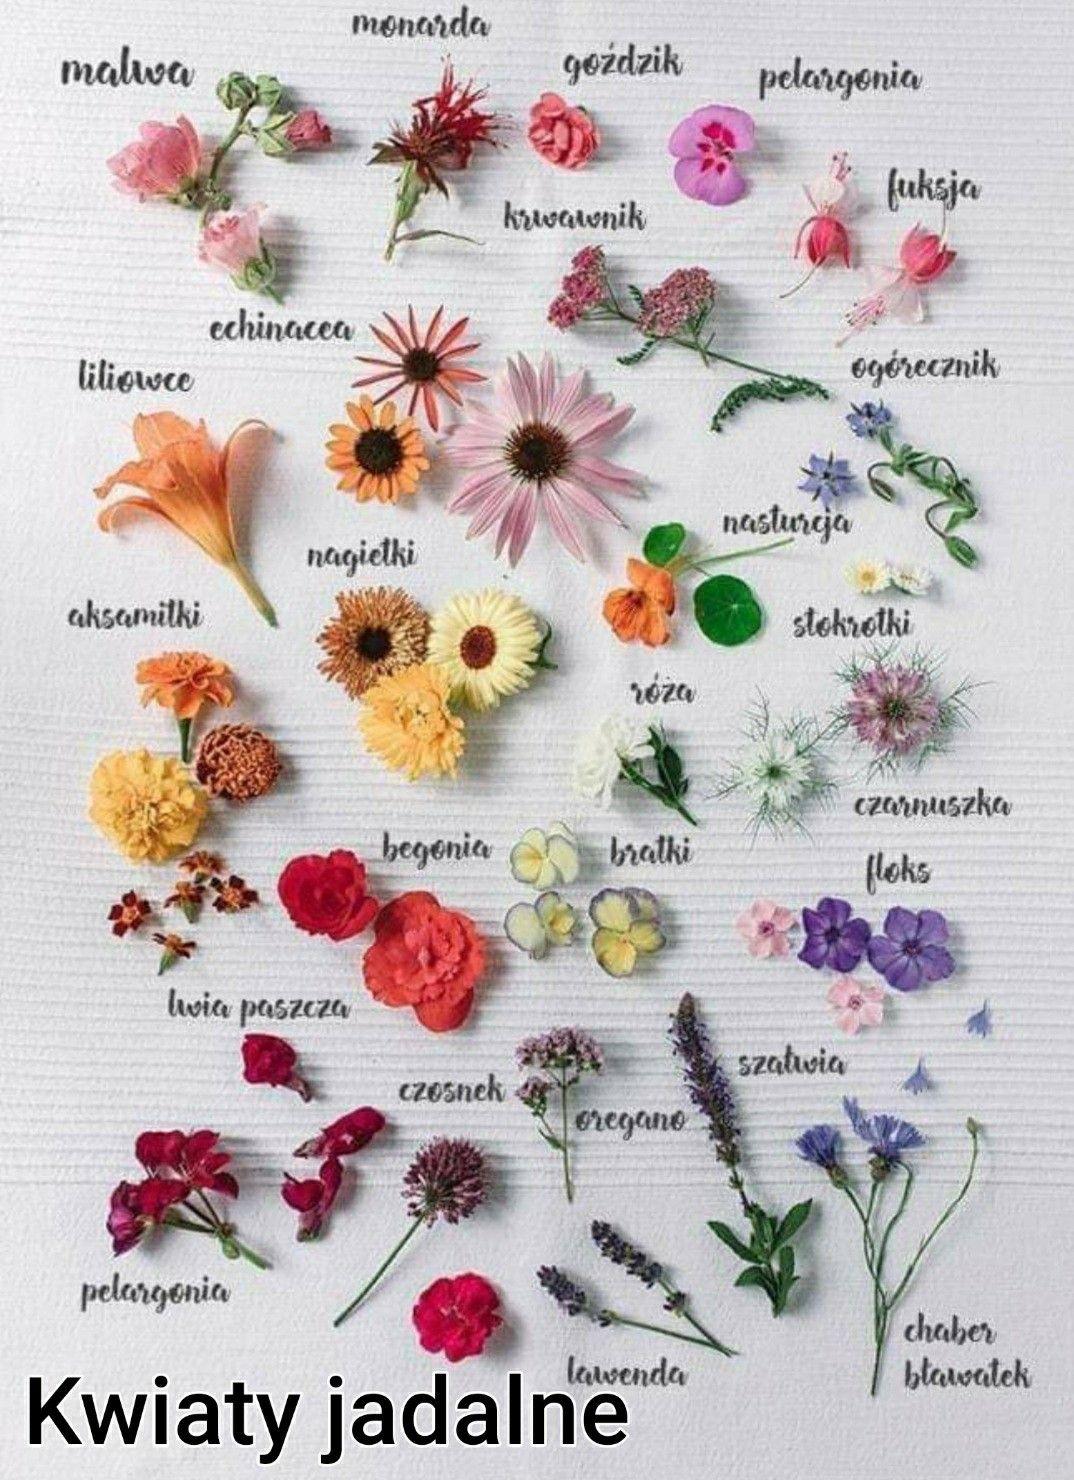 Kwiaty Jadalne Edible Flowers Edible Flowers Cake Flower Food